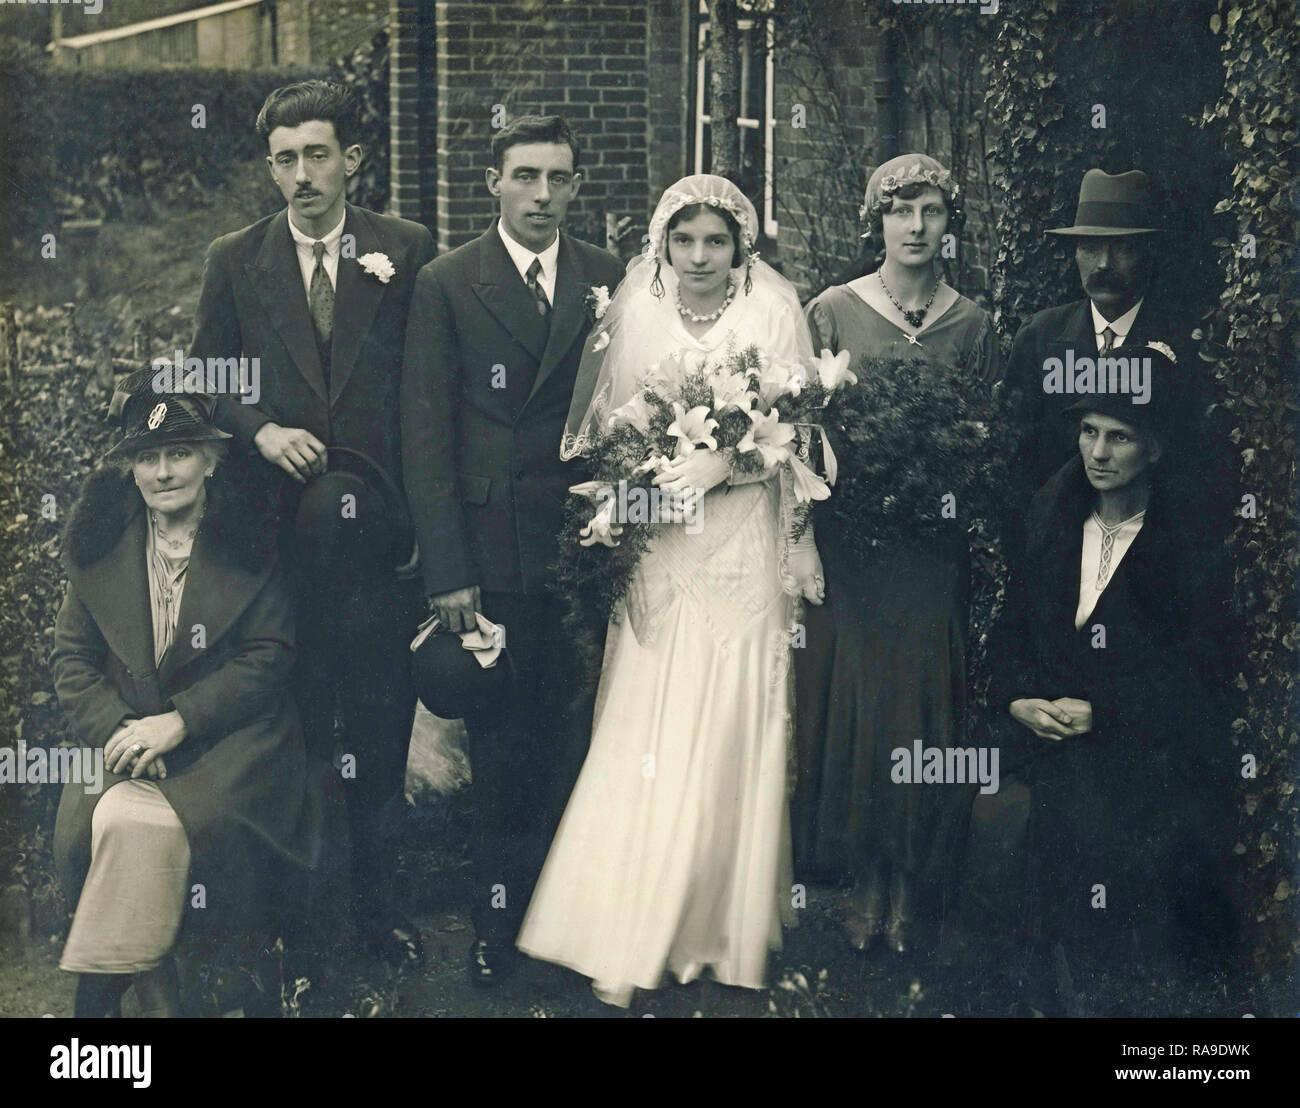 Imagen del archivo histórico de boda, c1930s Imagen De Stock